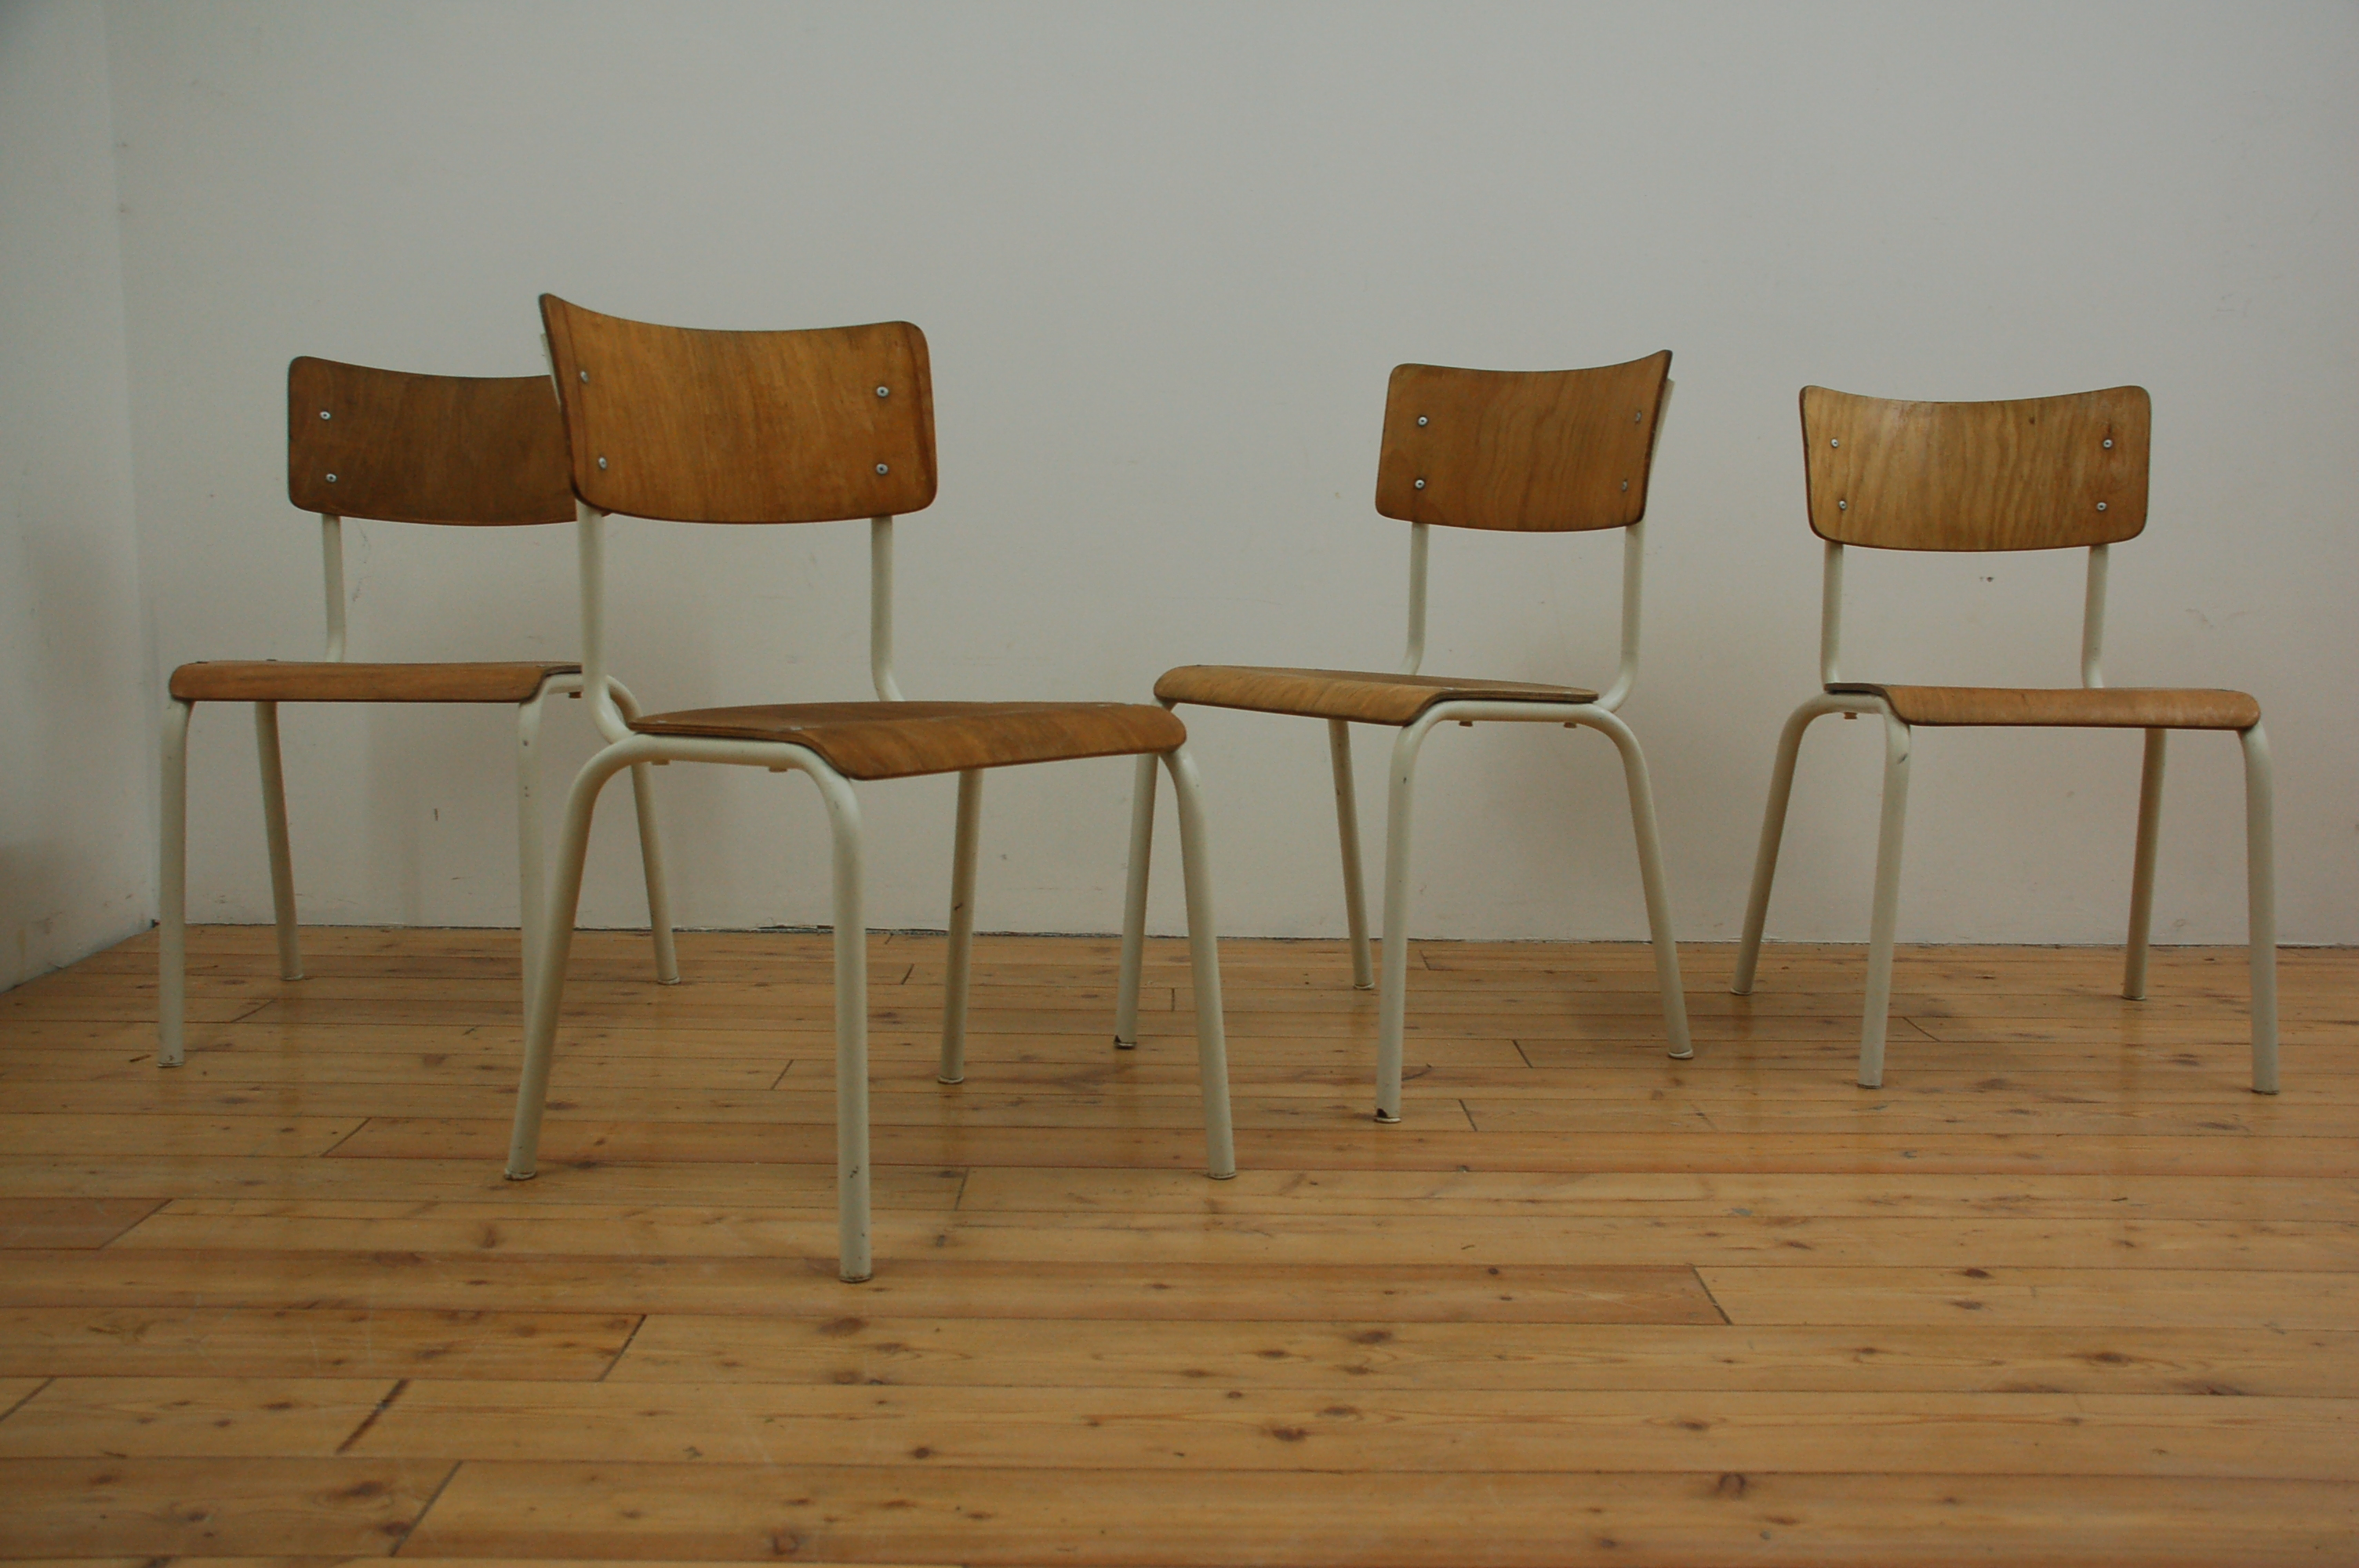 Industrie Design Stühle Industrial Loft Vintage Stahlrohr Holz alt gebraucht 1950 1960 (3)